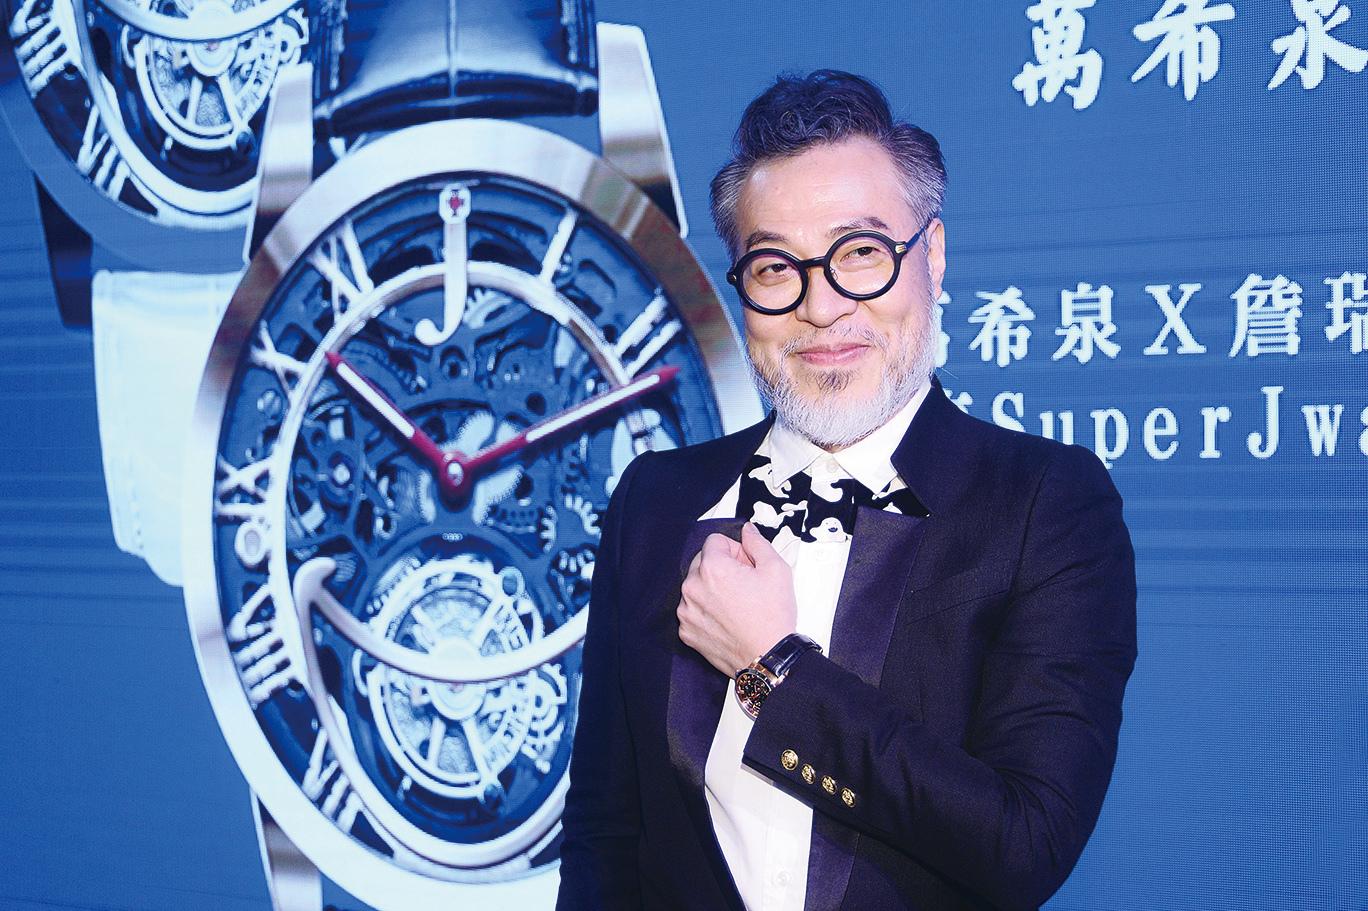 詹瑞文設計陀飛輪腕錶,充滿「搞笑個性」。(宋碧龍/大紀元)